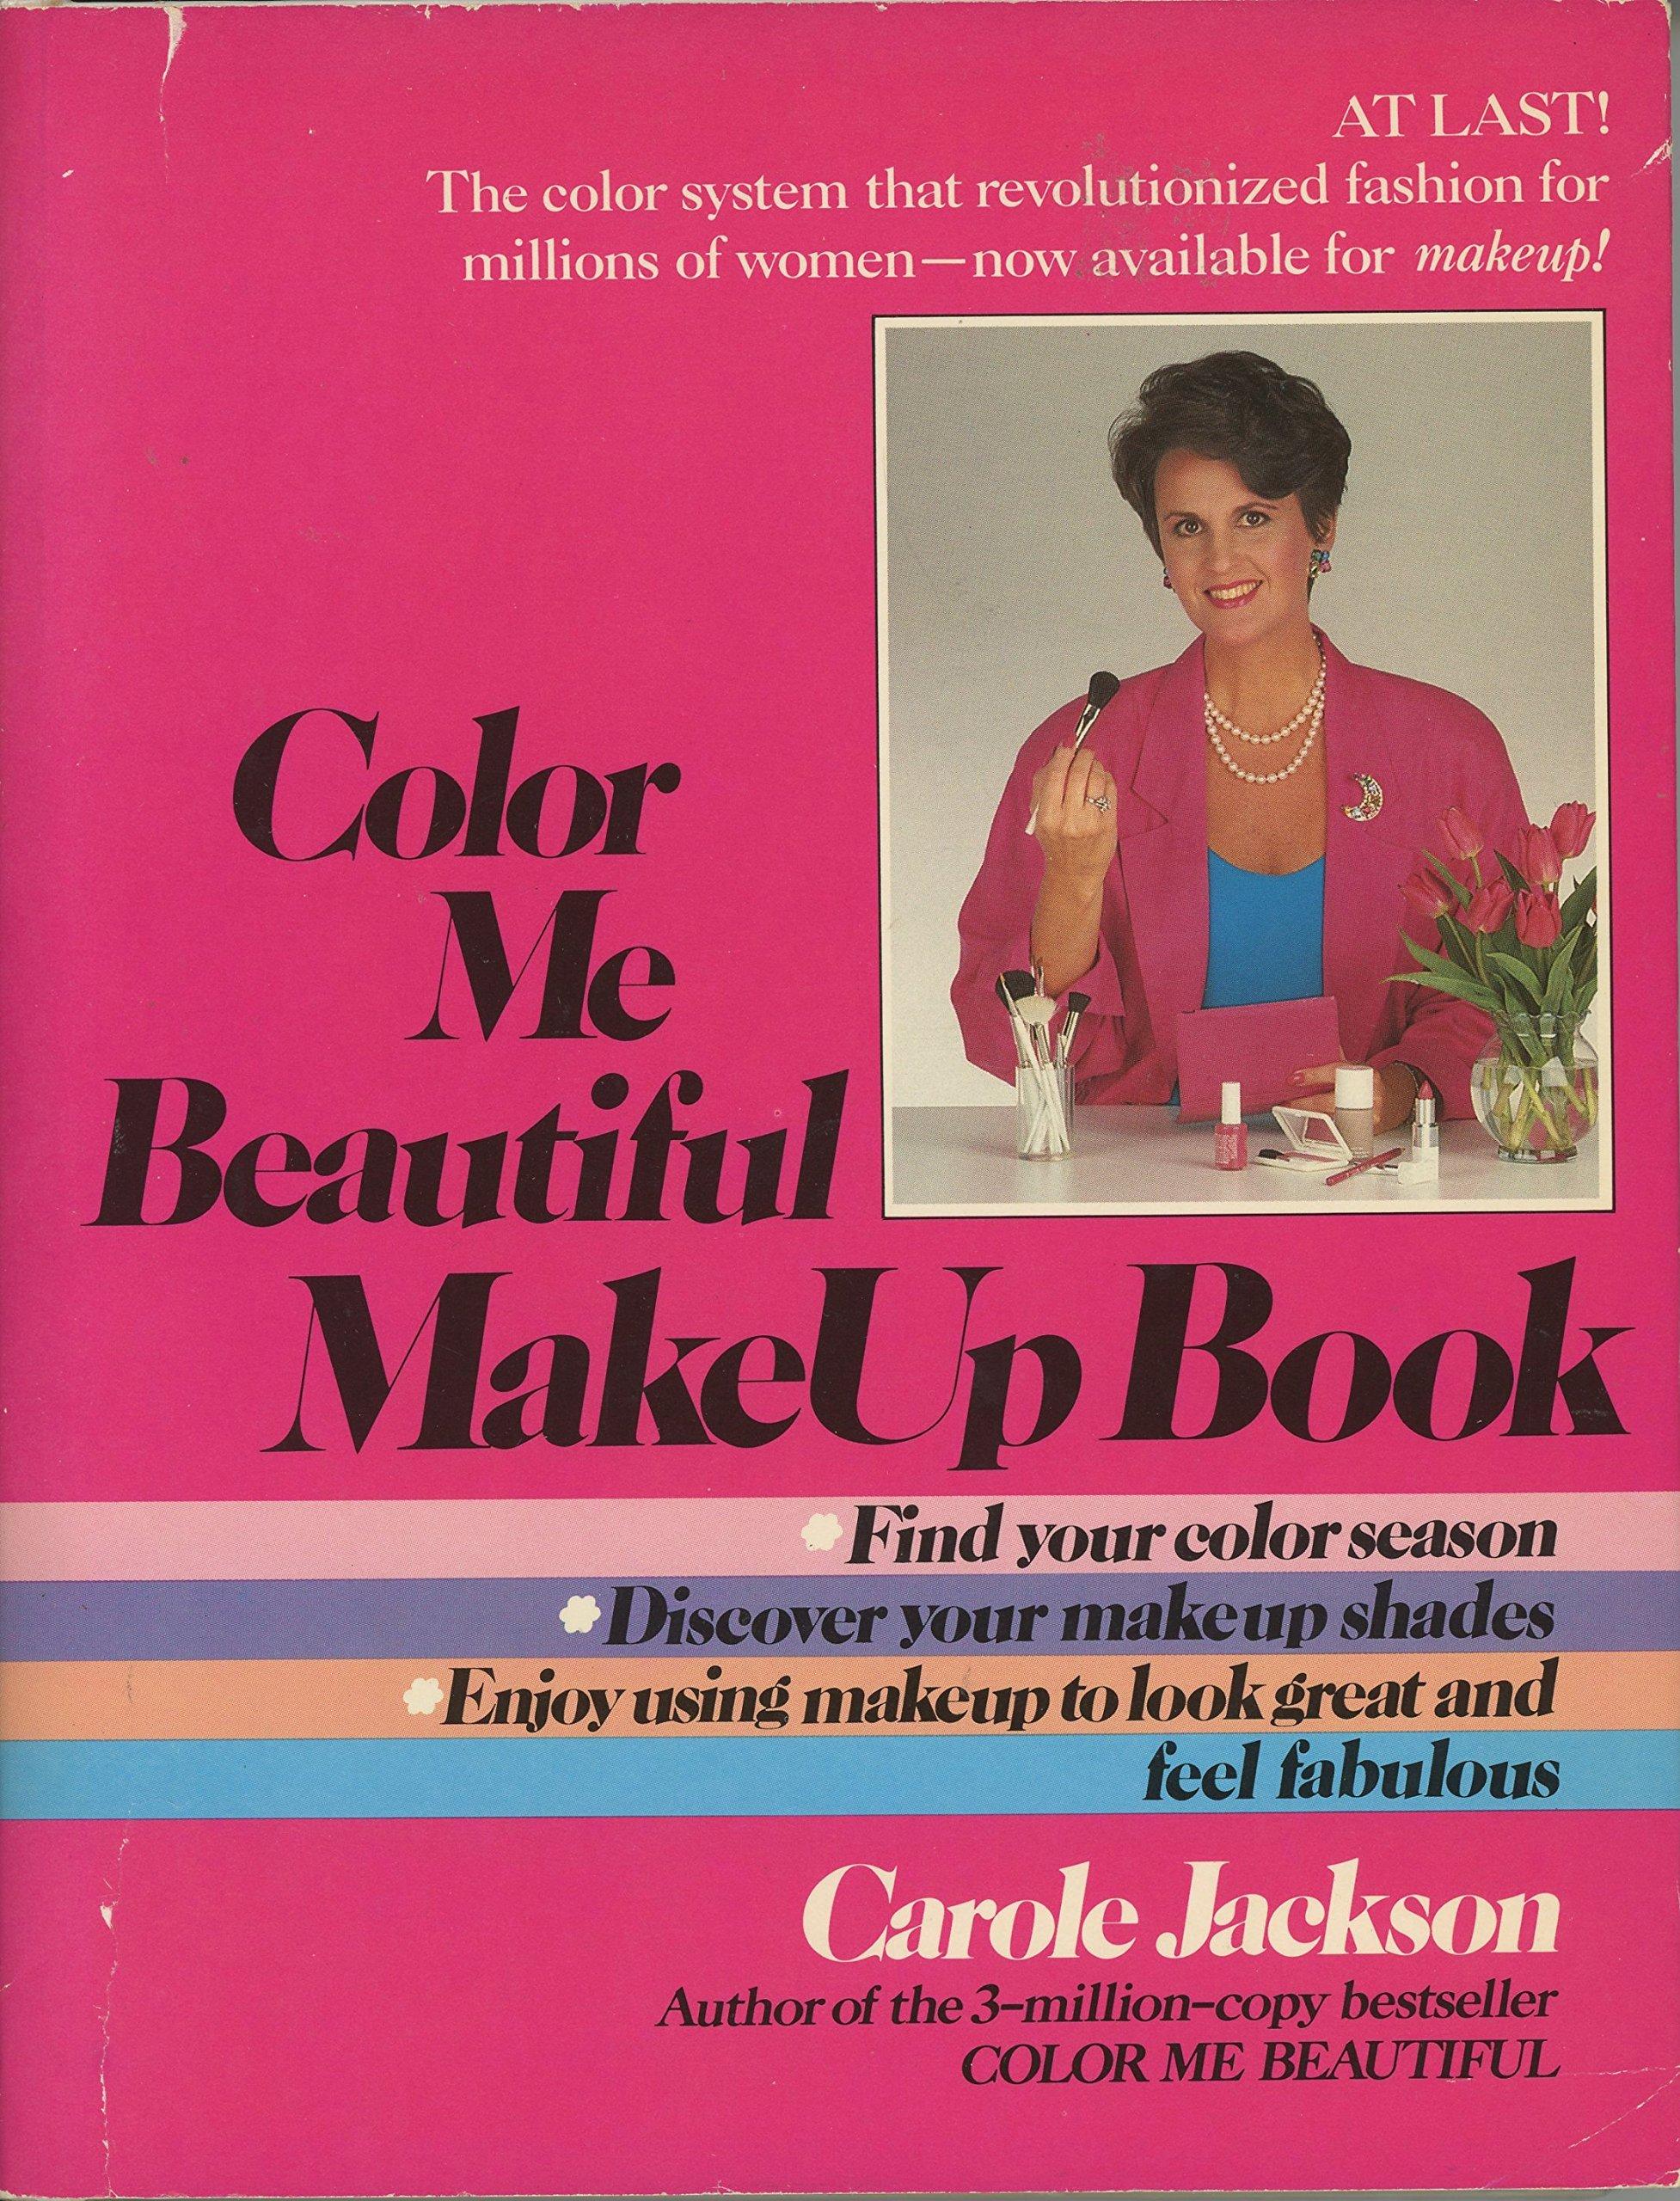 COLOR ME BEAUTIFUL MAKE UP BOOK CAROLE JACKSON Amazon Books